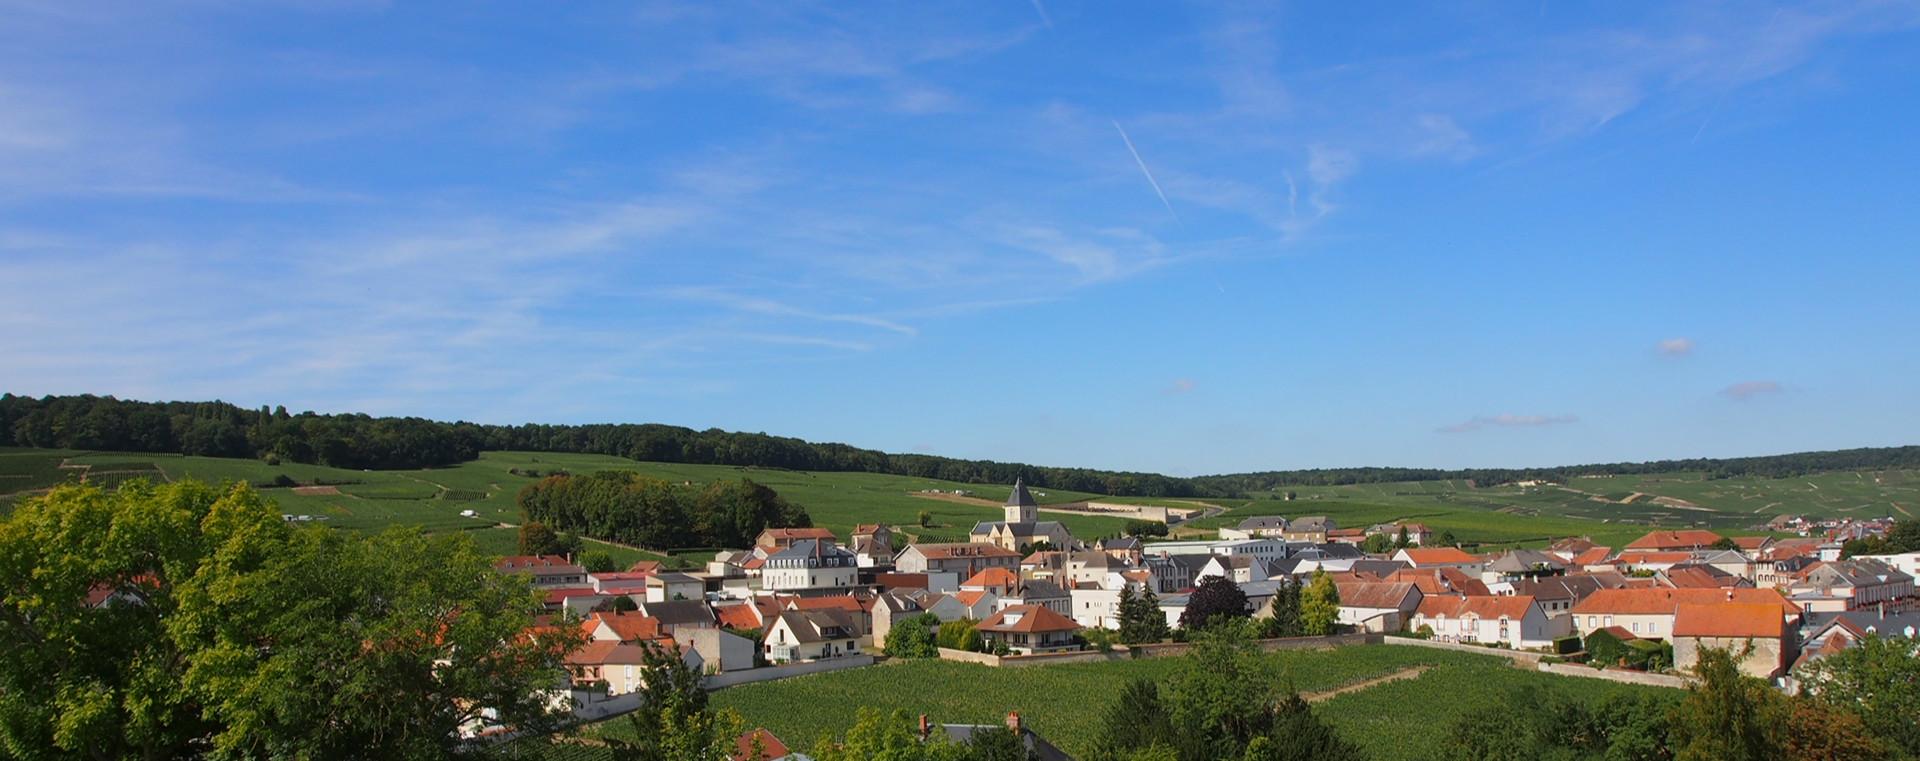 Village of le Mesnil sur Oger